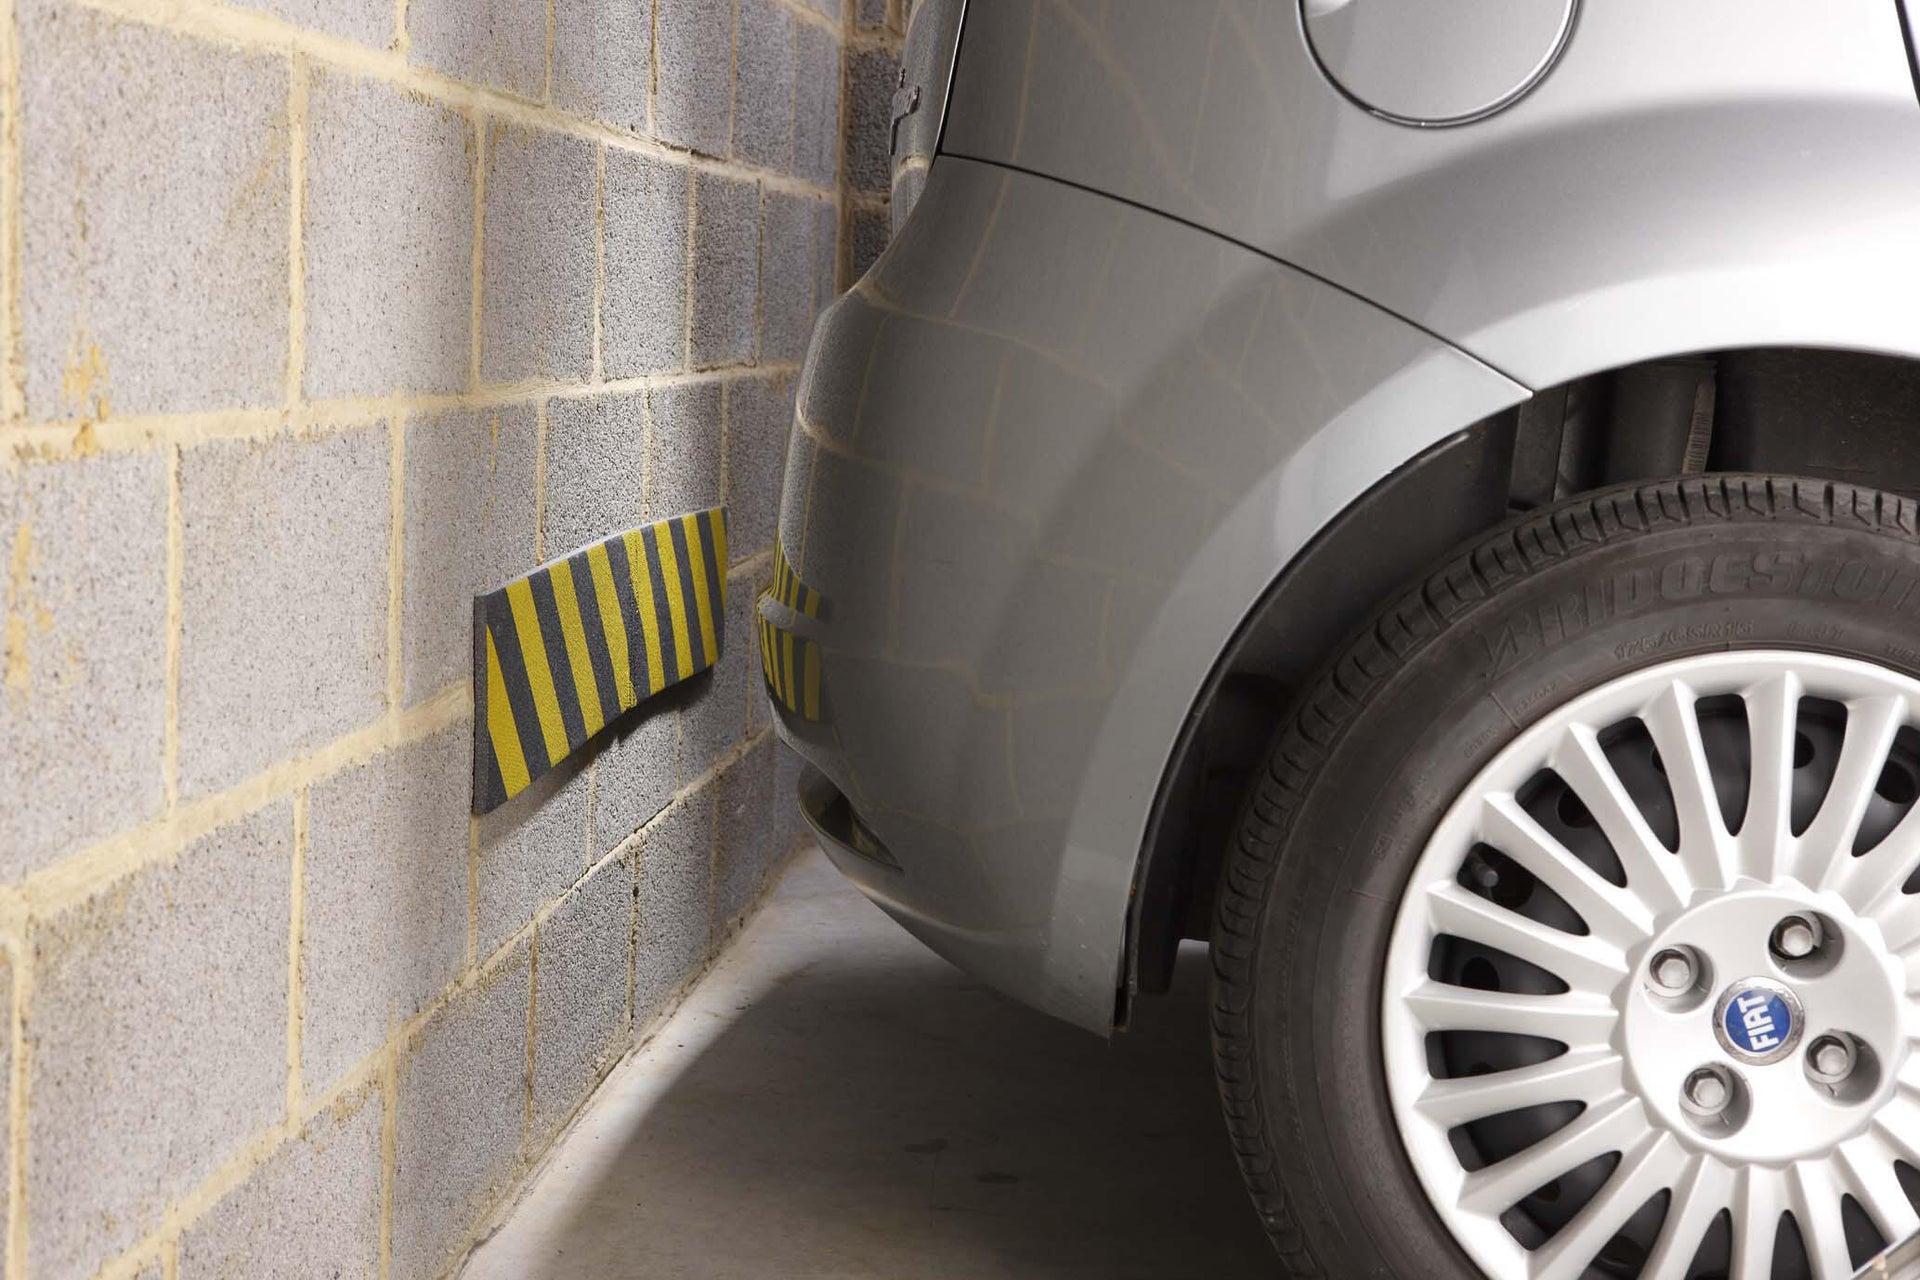 Protezione per garage in poliuretano L 100 x H 15 cm multicolore - 5